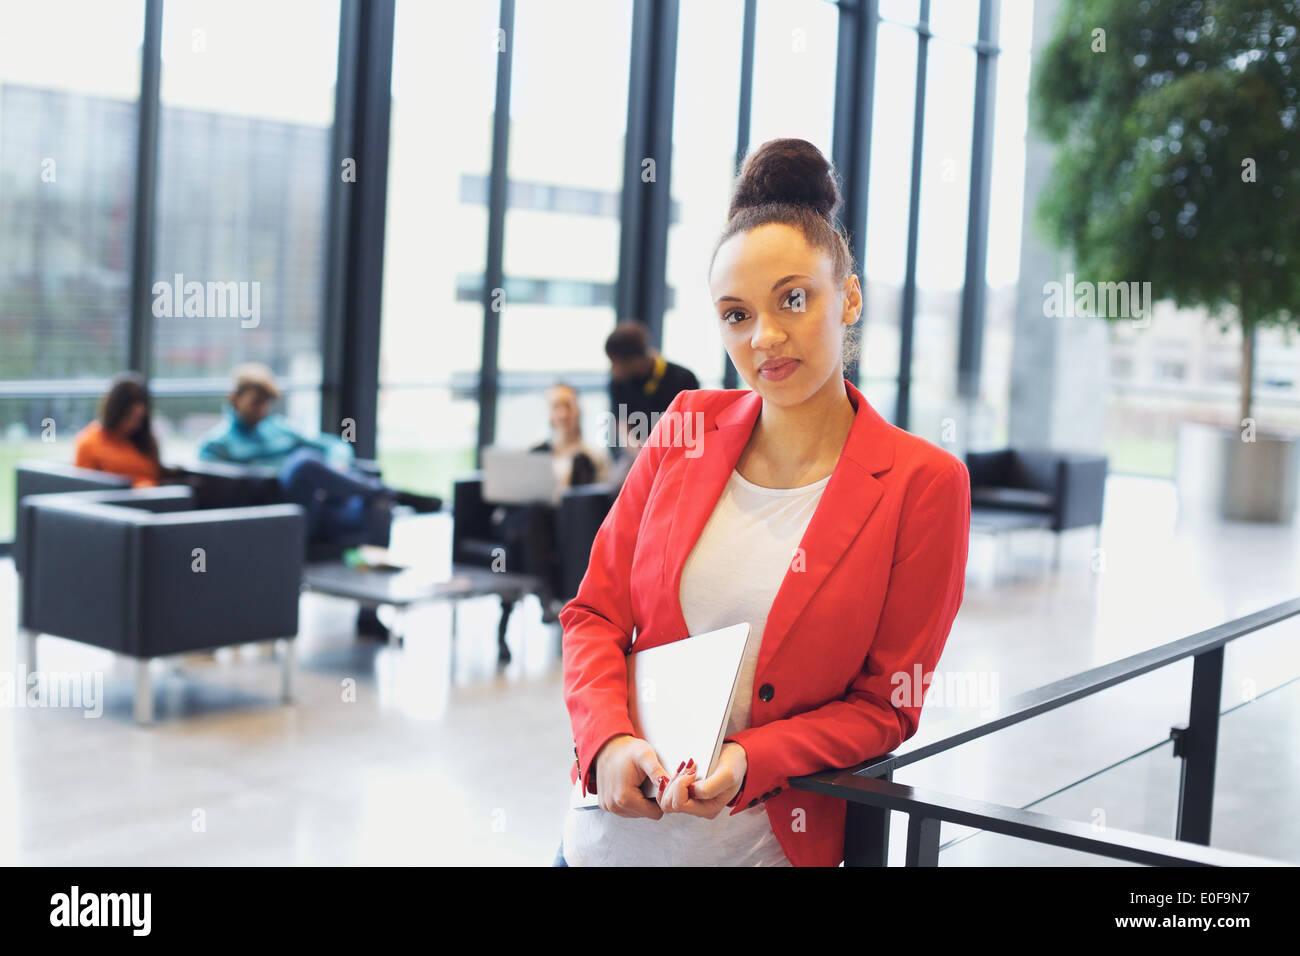 Überzeugt junge Afro Amerikanerin ein Laptop steht durch ein Geländer, Blick in die Kamera halten. Junge Geschäftsfrau Stockfoto